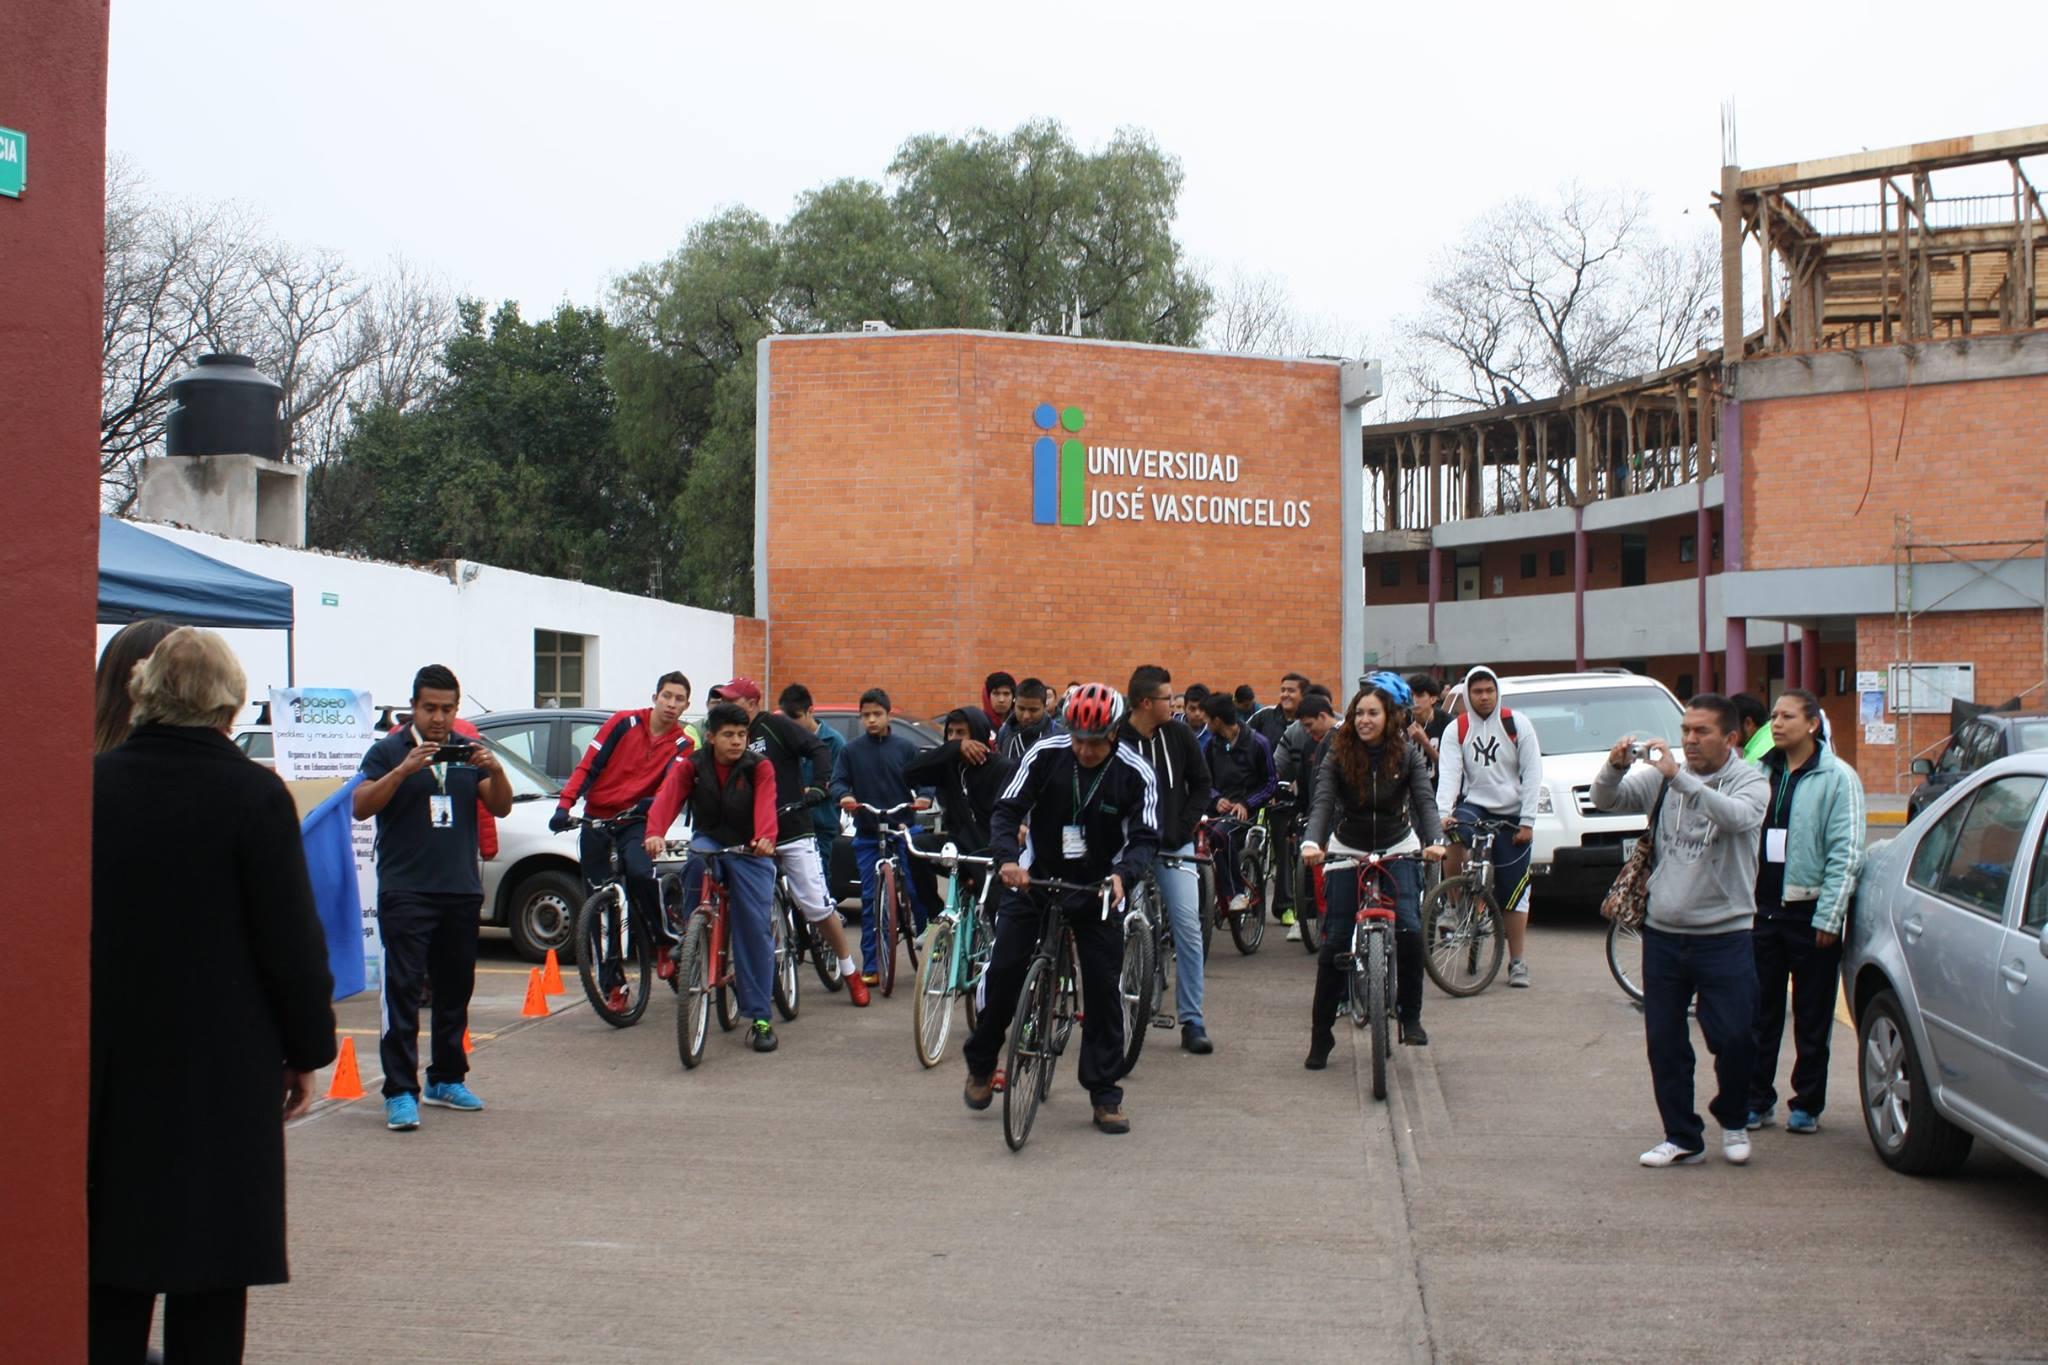 Universidad José Vasconcelos – UJV Campus